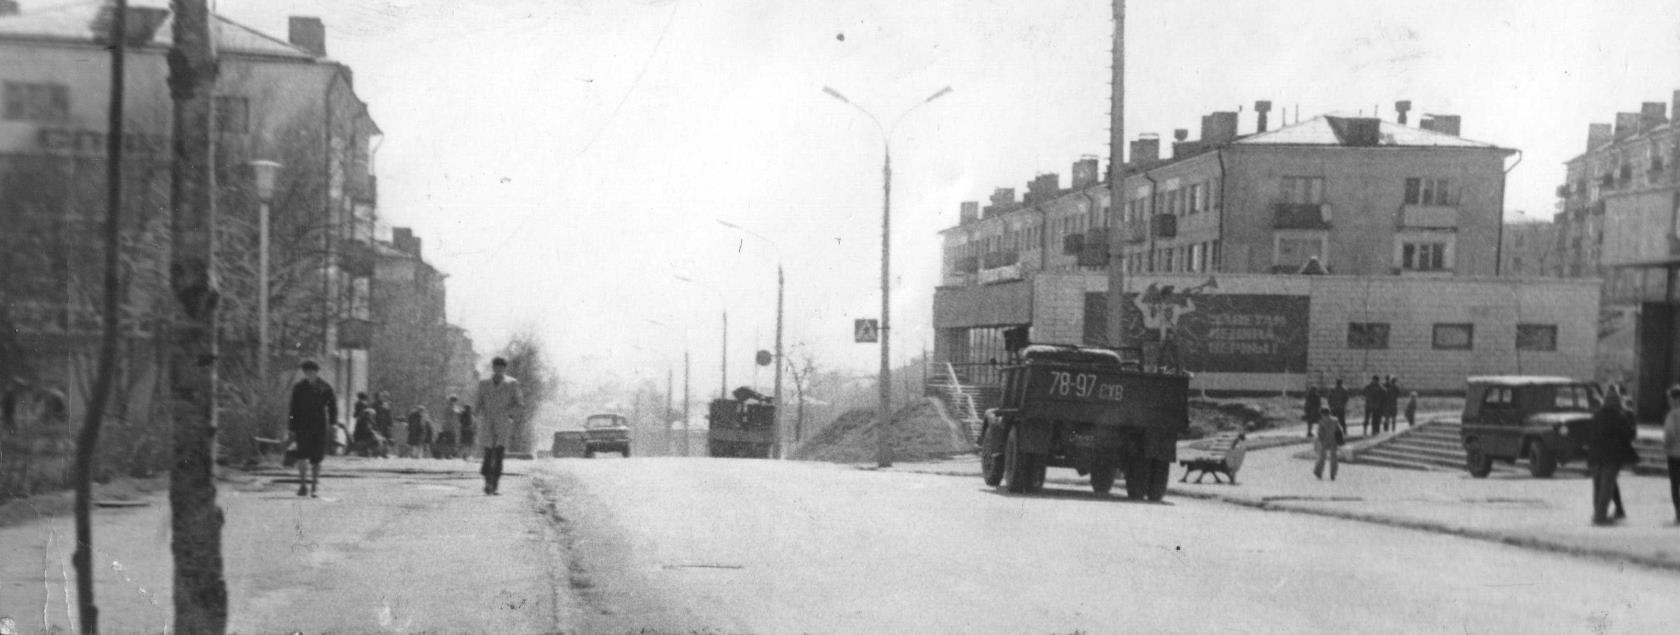 Корсаков, улица Краснофлотская, справа магазин 'Детский мир'